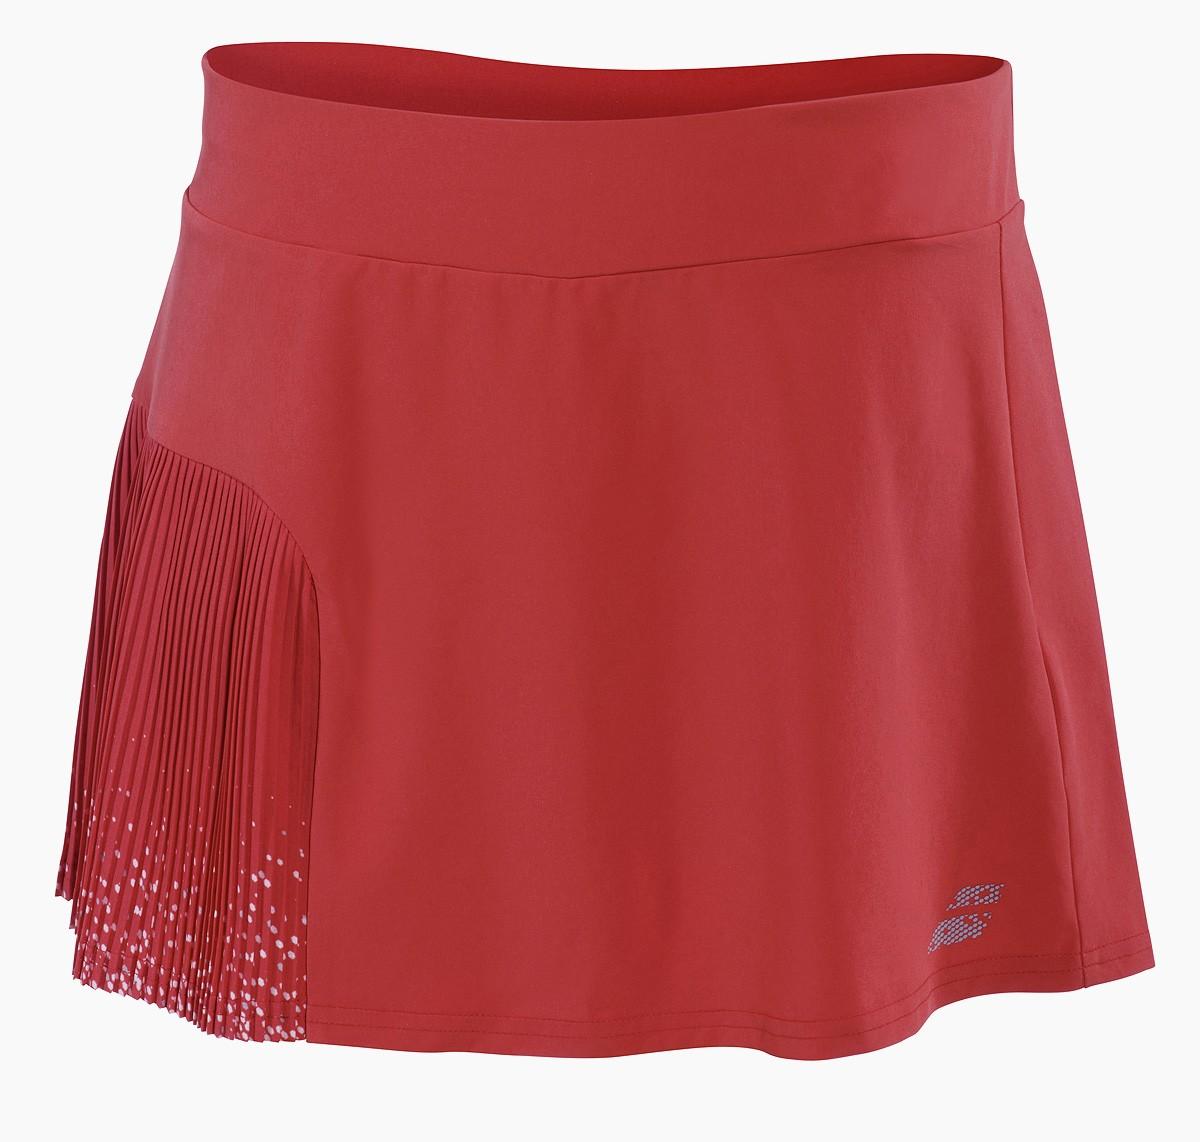 Spódniczka tenisowa dziewczęca Babolat PERF Skirt Hibiscus -50%